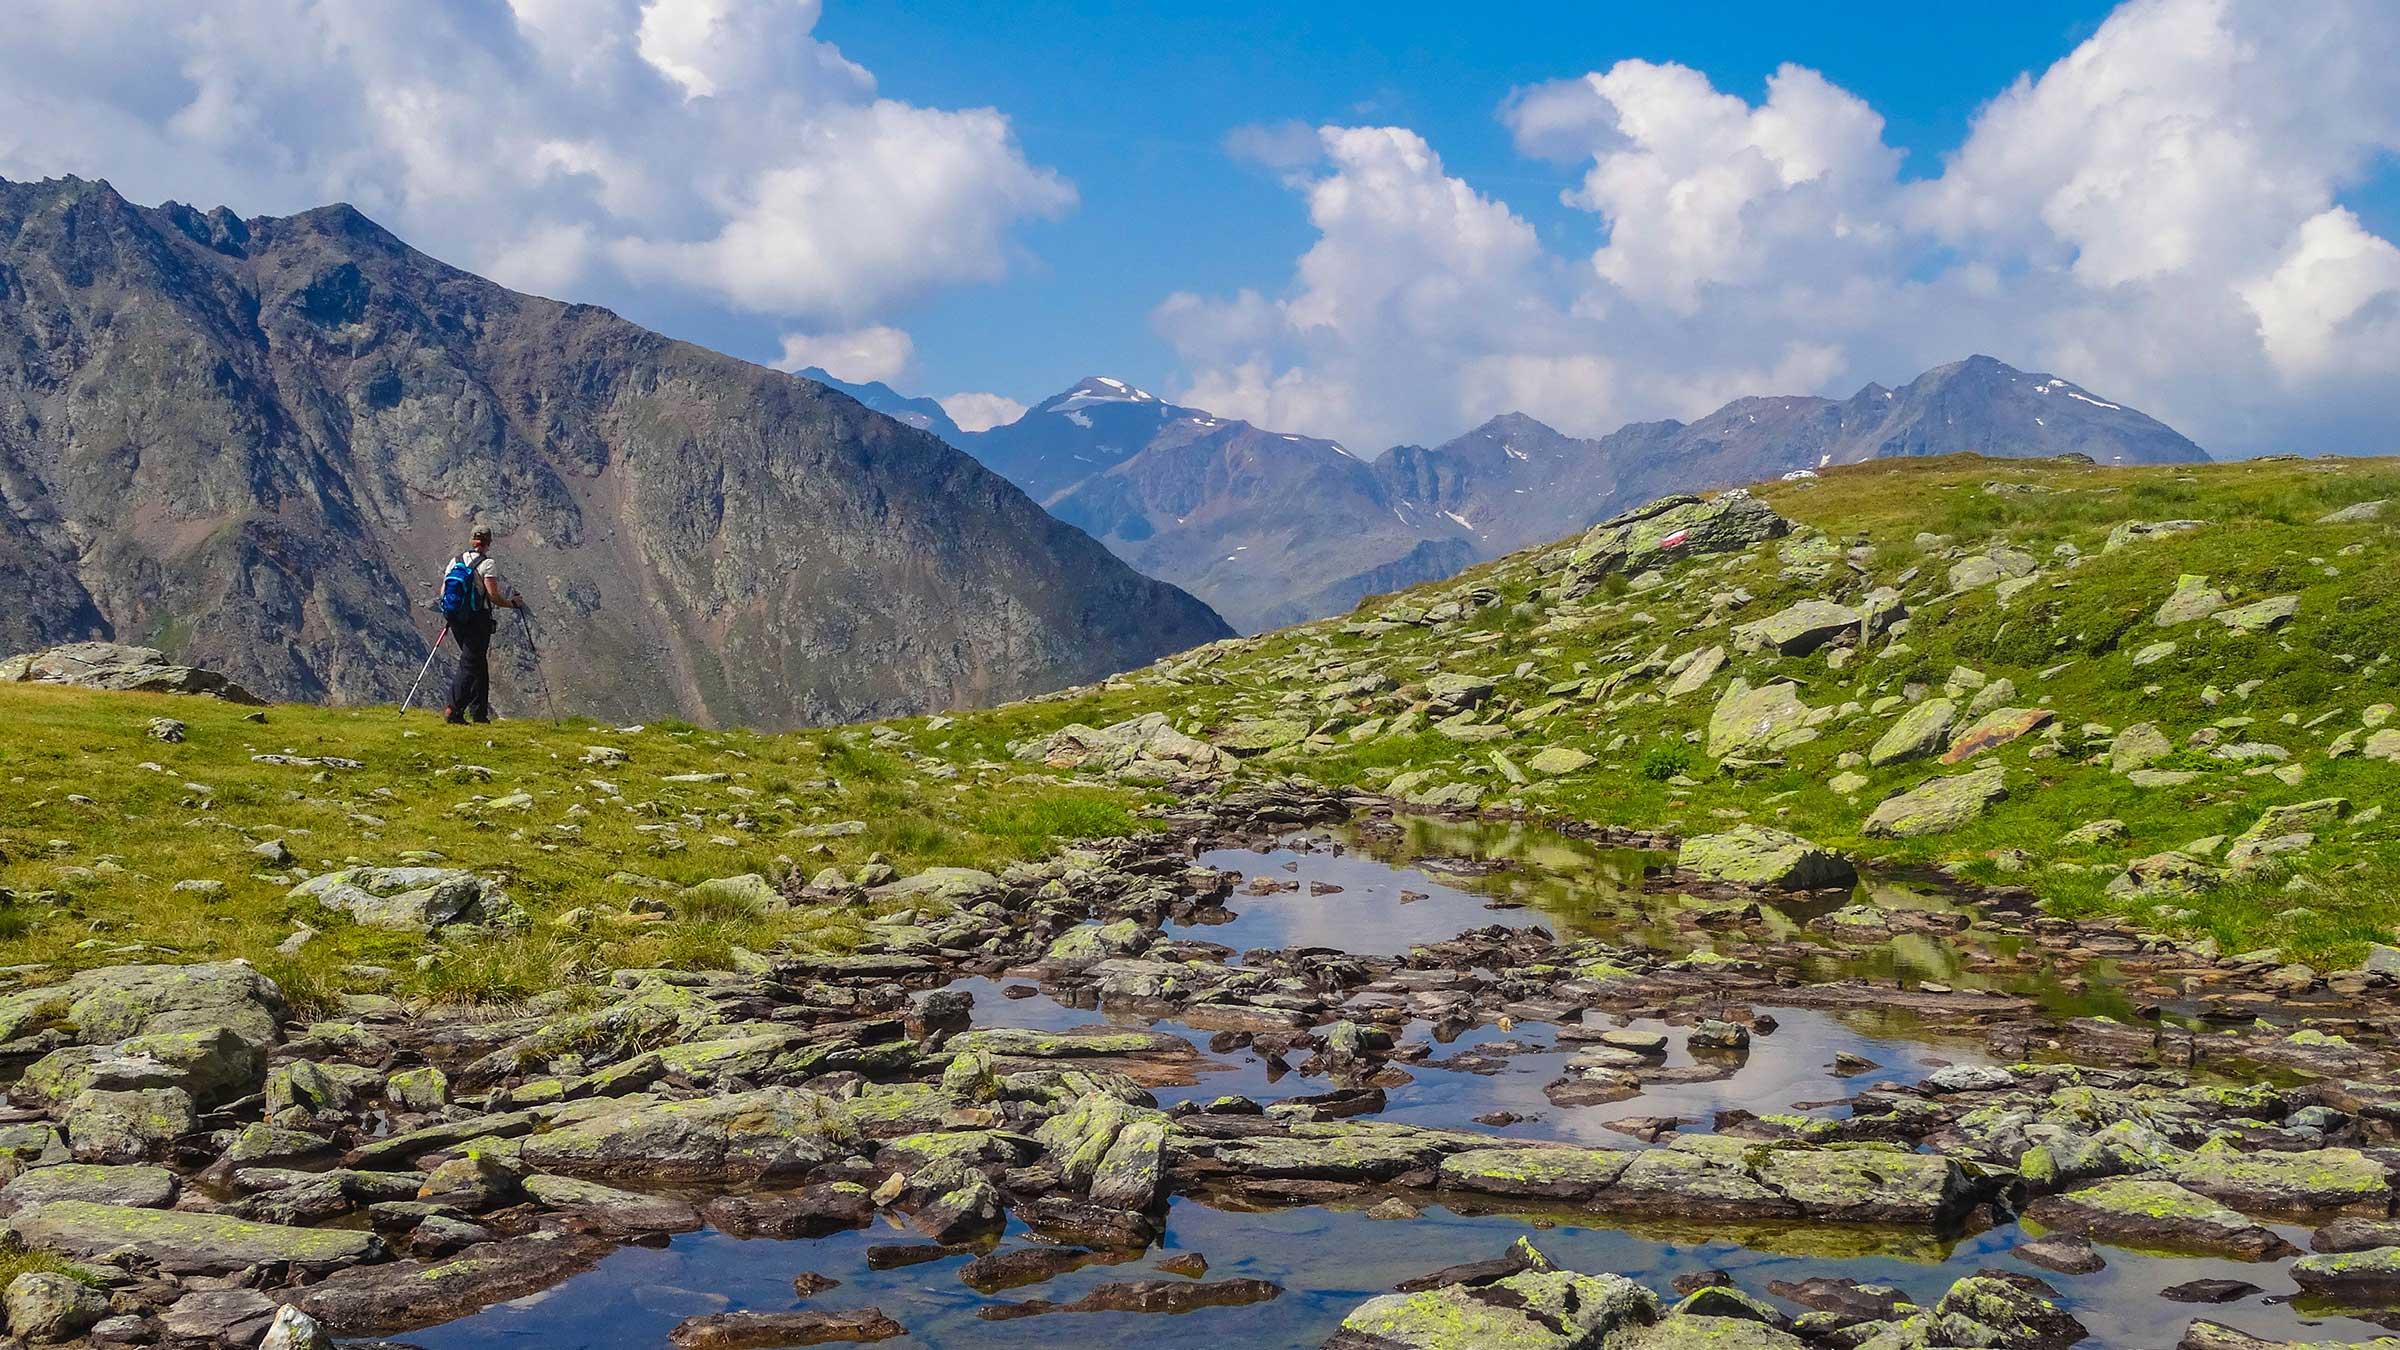 Vom Timmelsjoch nach Sölden: Der Hochstubai Panoramaweg